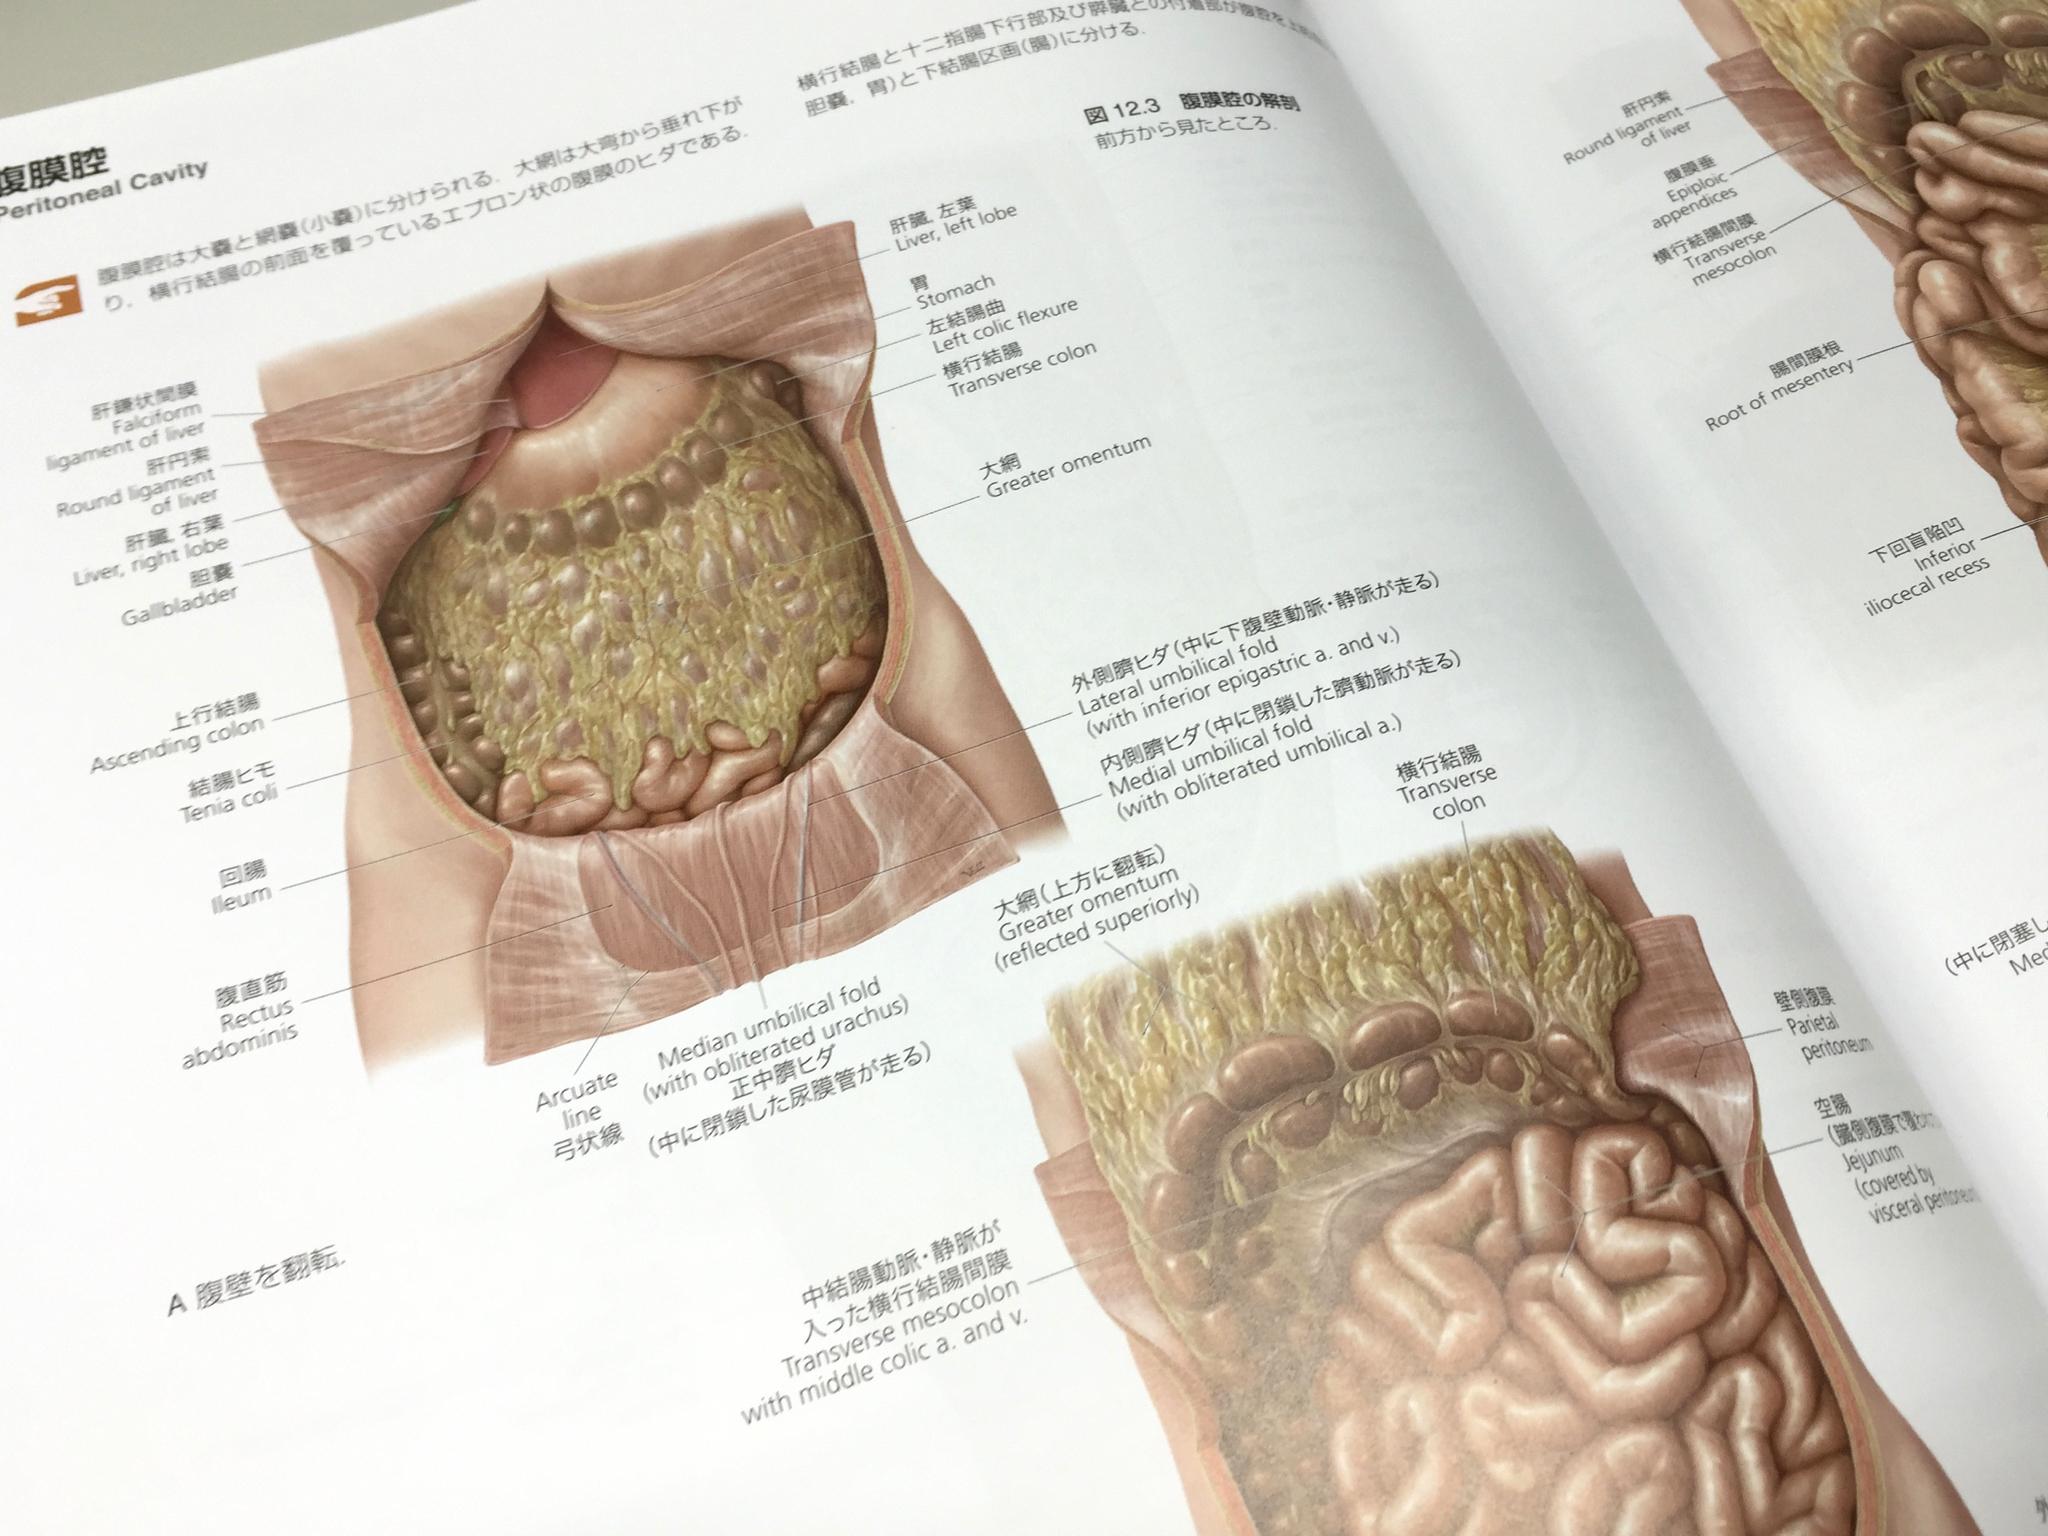 内臓関係の図は主にVoll氏が制作。ソフトなタッチで臓器や脈管がふっくらと描かれている